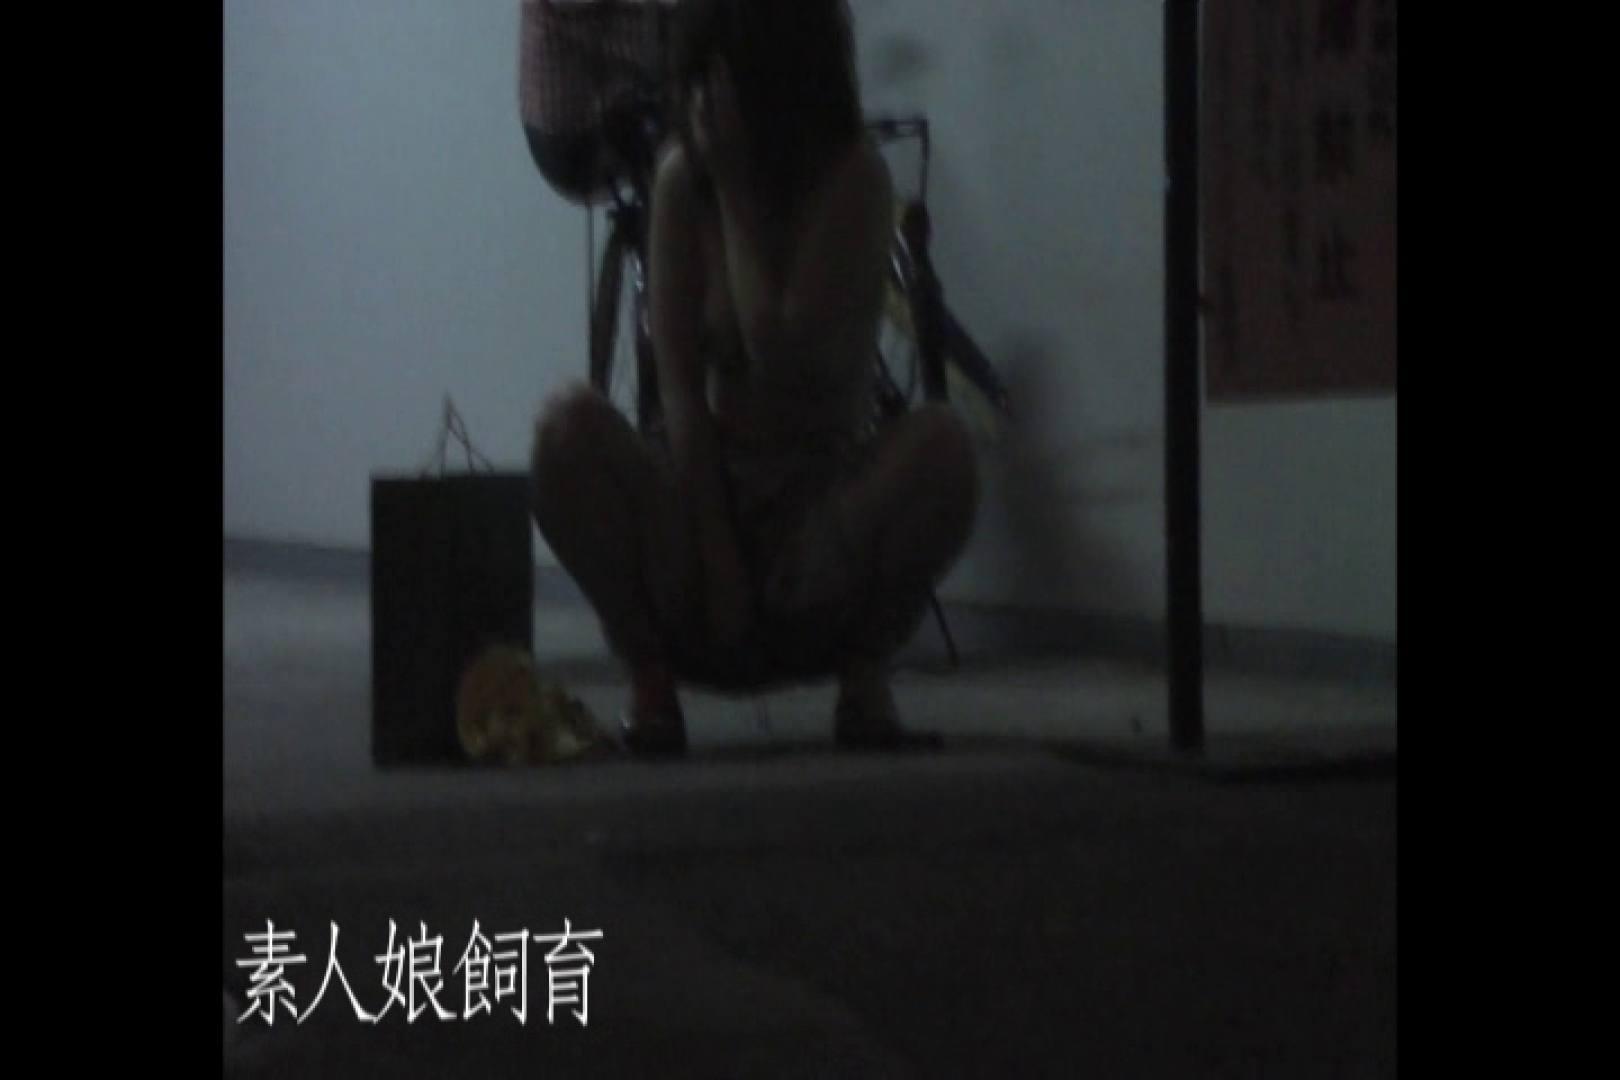 無料アダルト動画:素人嬢飼育~お前の餌は他人棒~8月1日露出撮影貸出:大奥